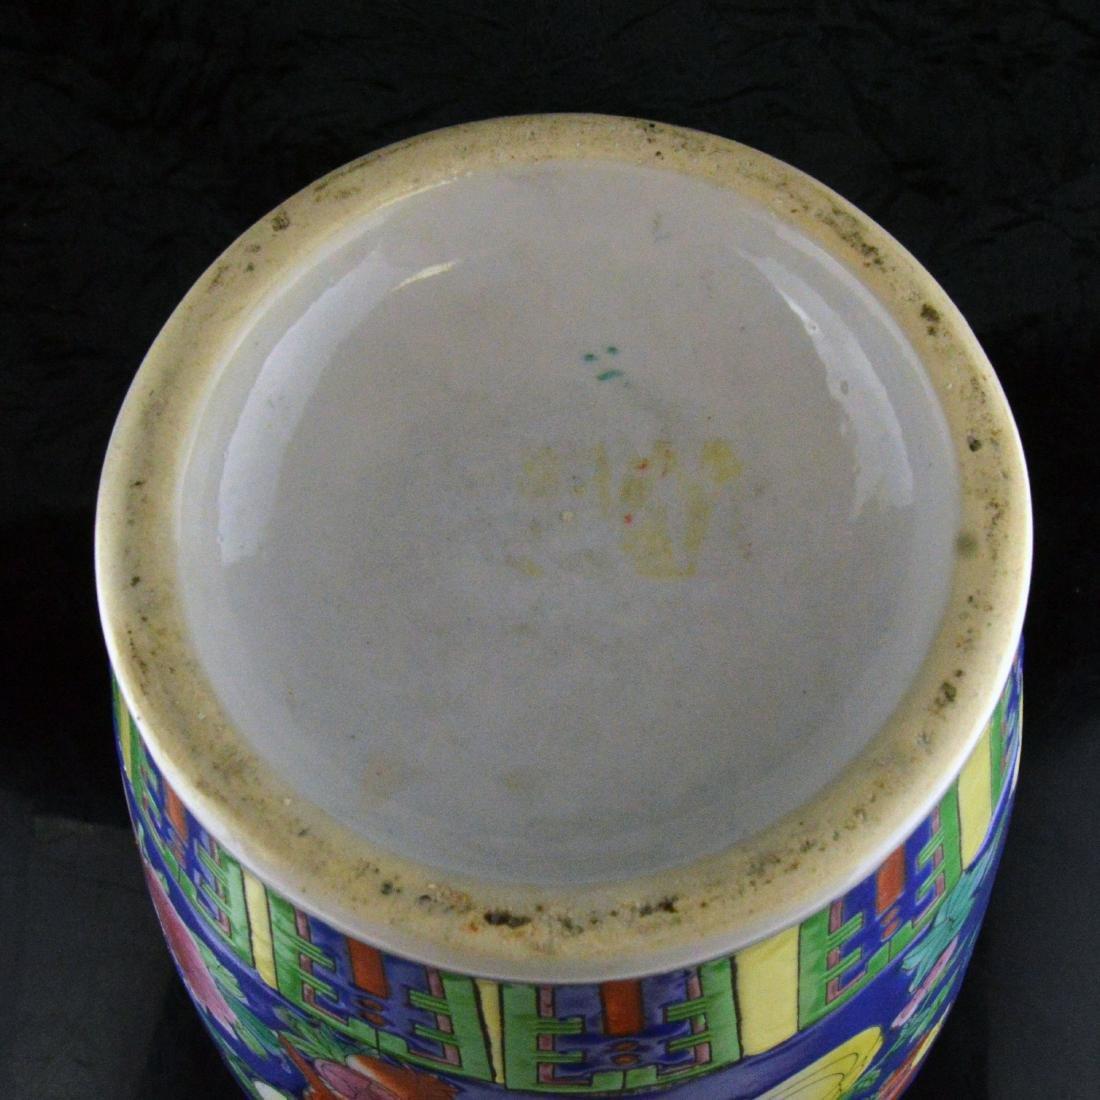 Fencai Porcelain Floral Vase - 6